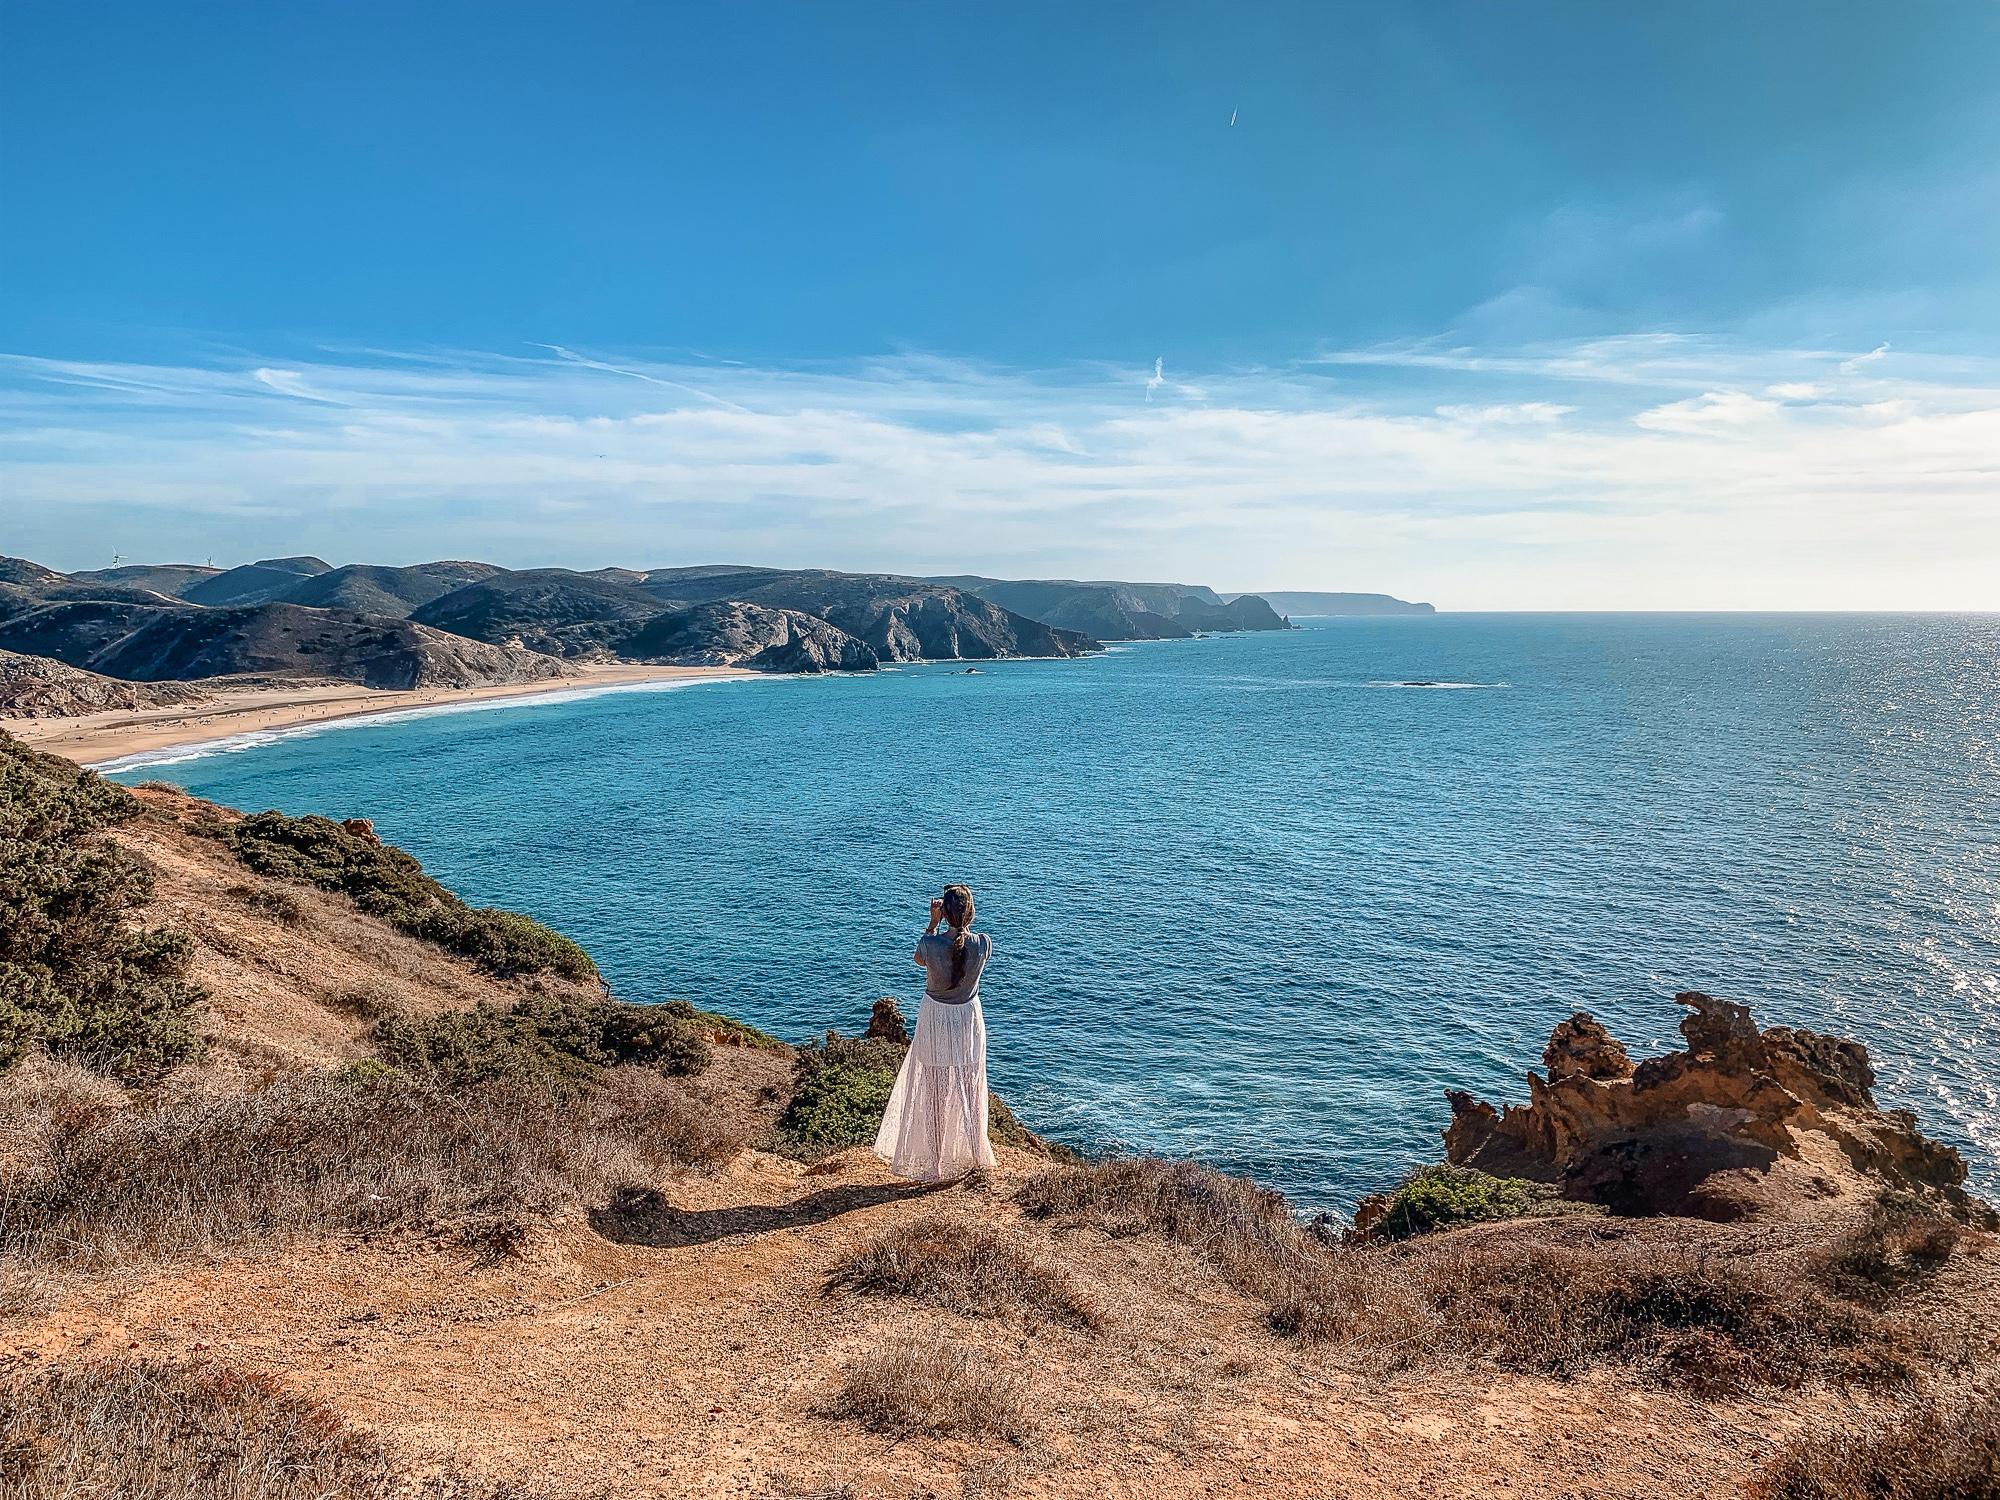 In diesem Artikel stelle ich euch meine Algarve Top 10 Sehenswürdigkeiten vor. Die besten Highlights und Wissenswertes über die schönste Region in Portugal.